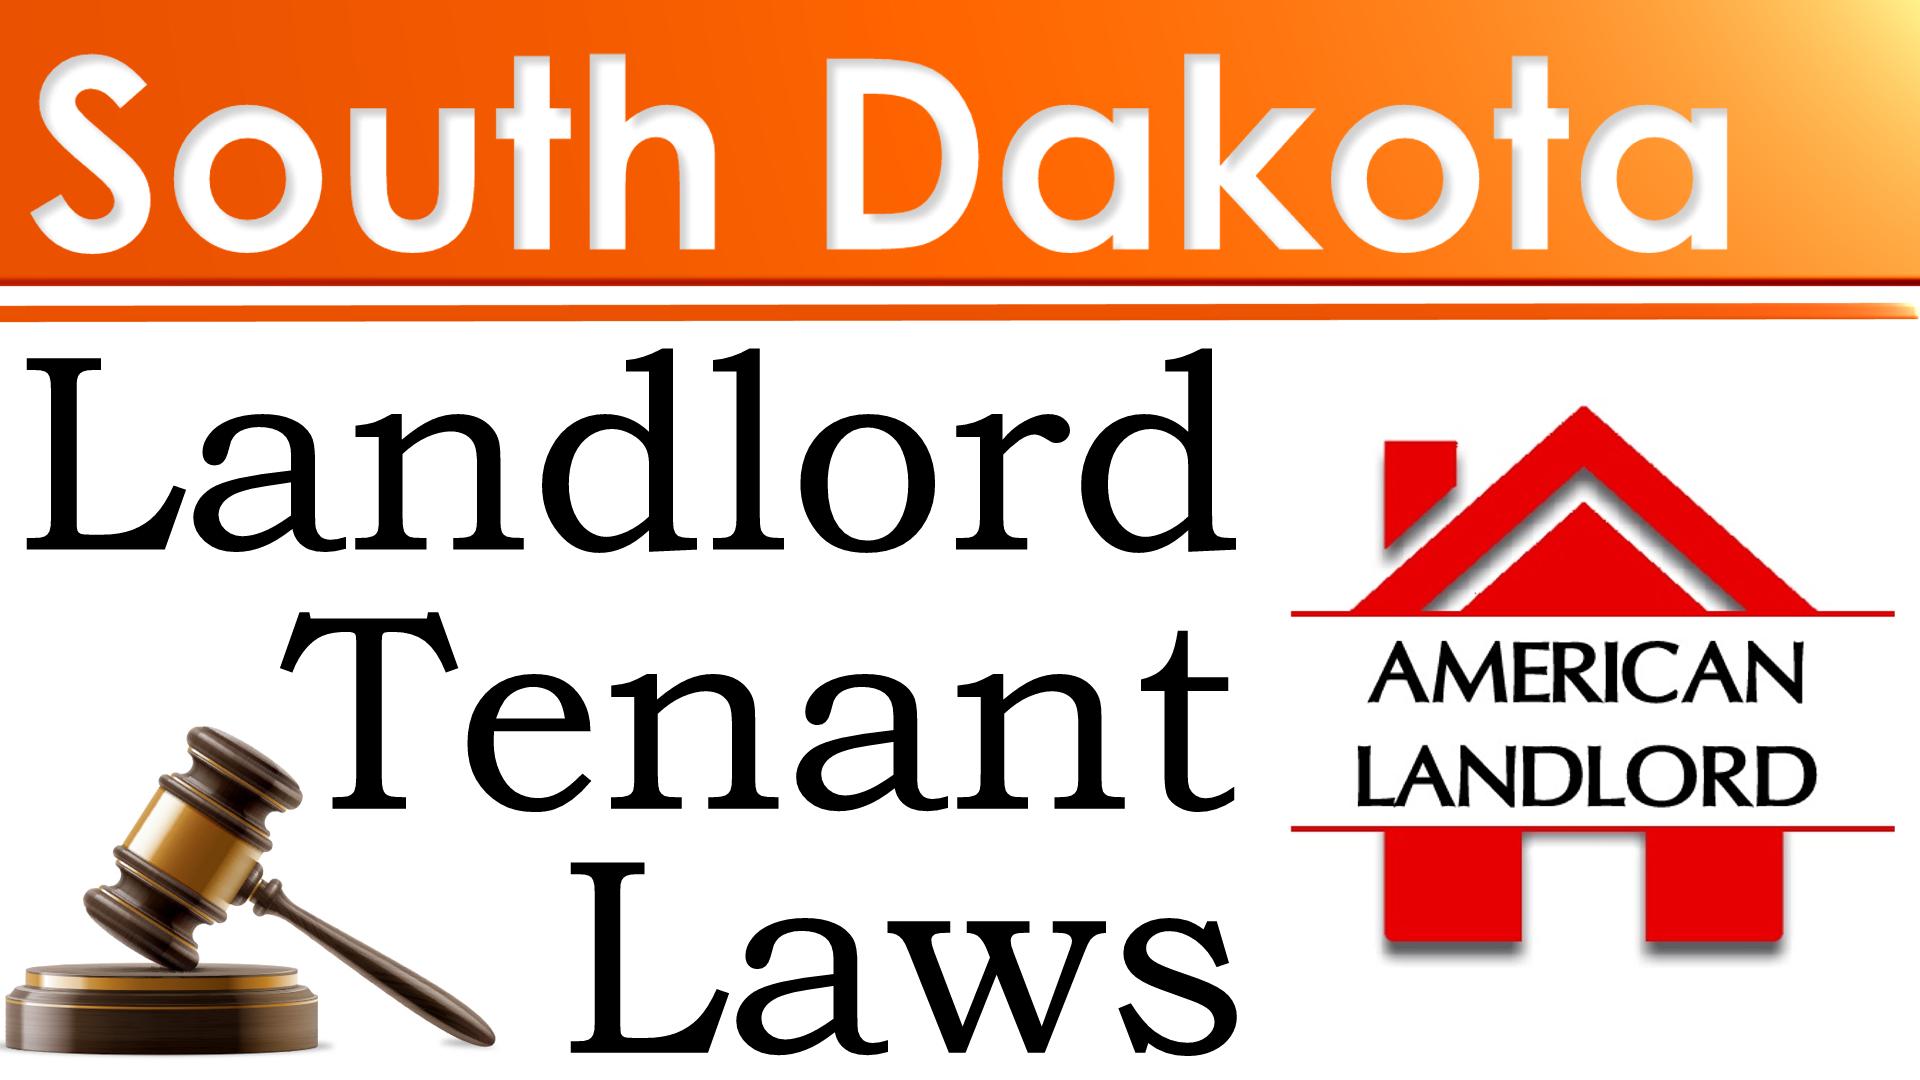 South Dakota landlord tenant law